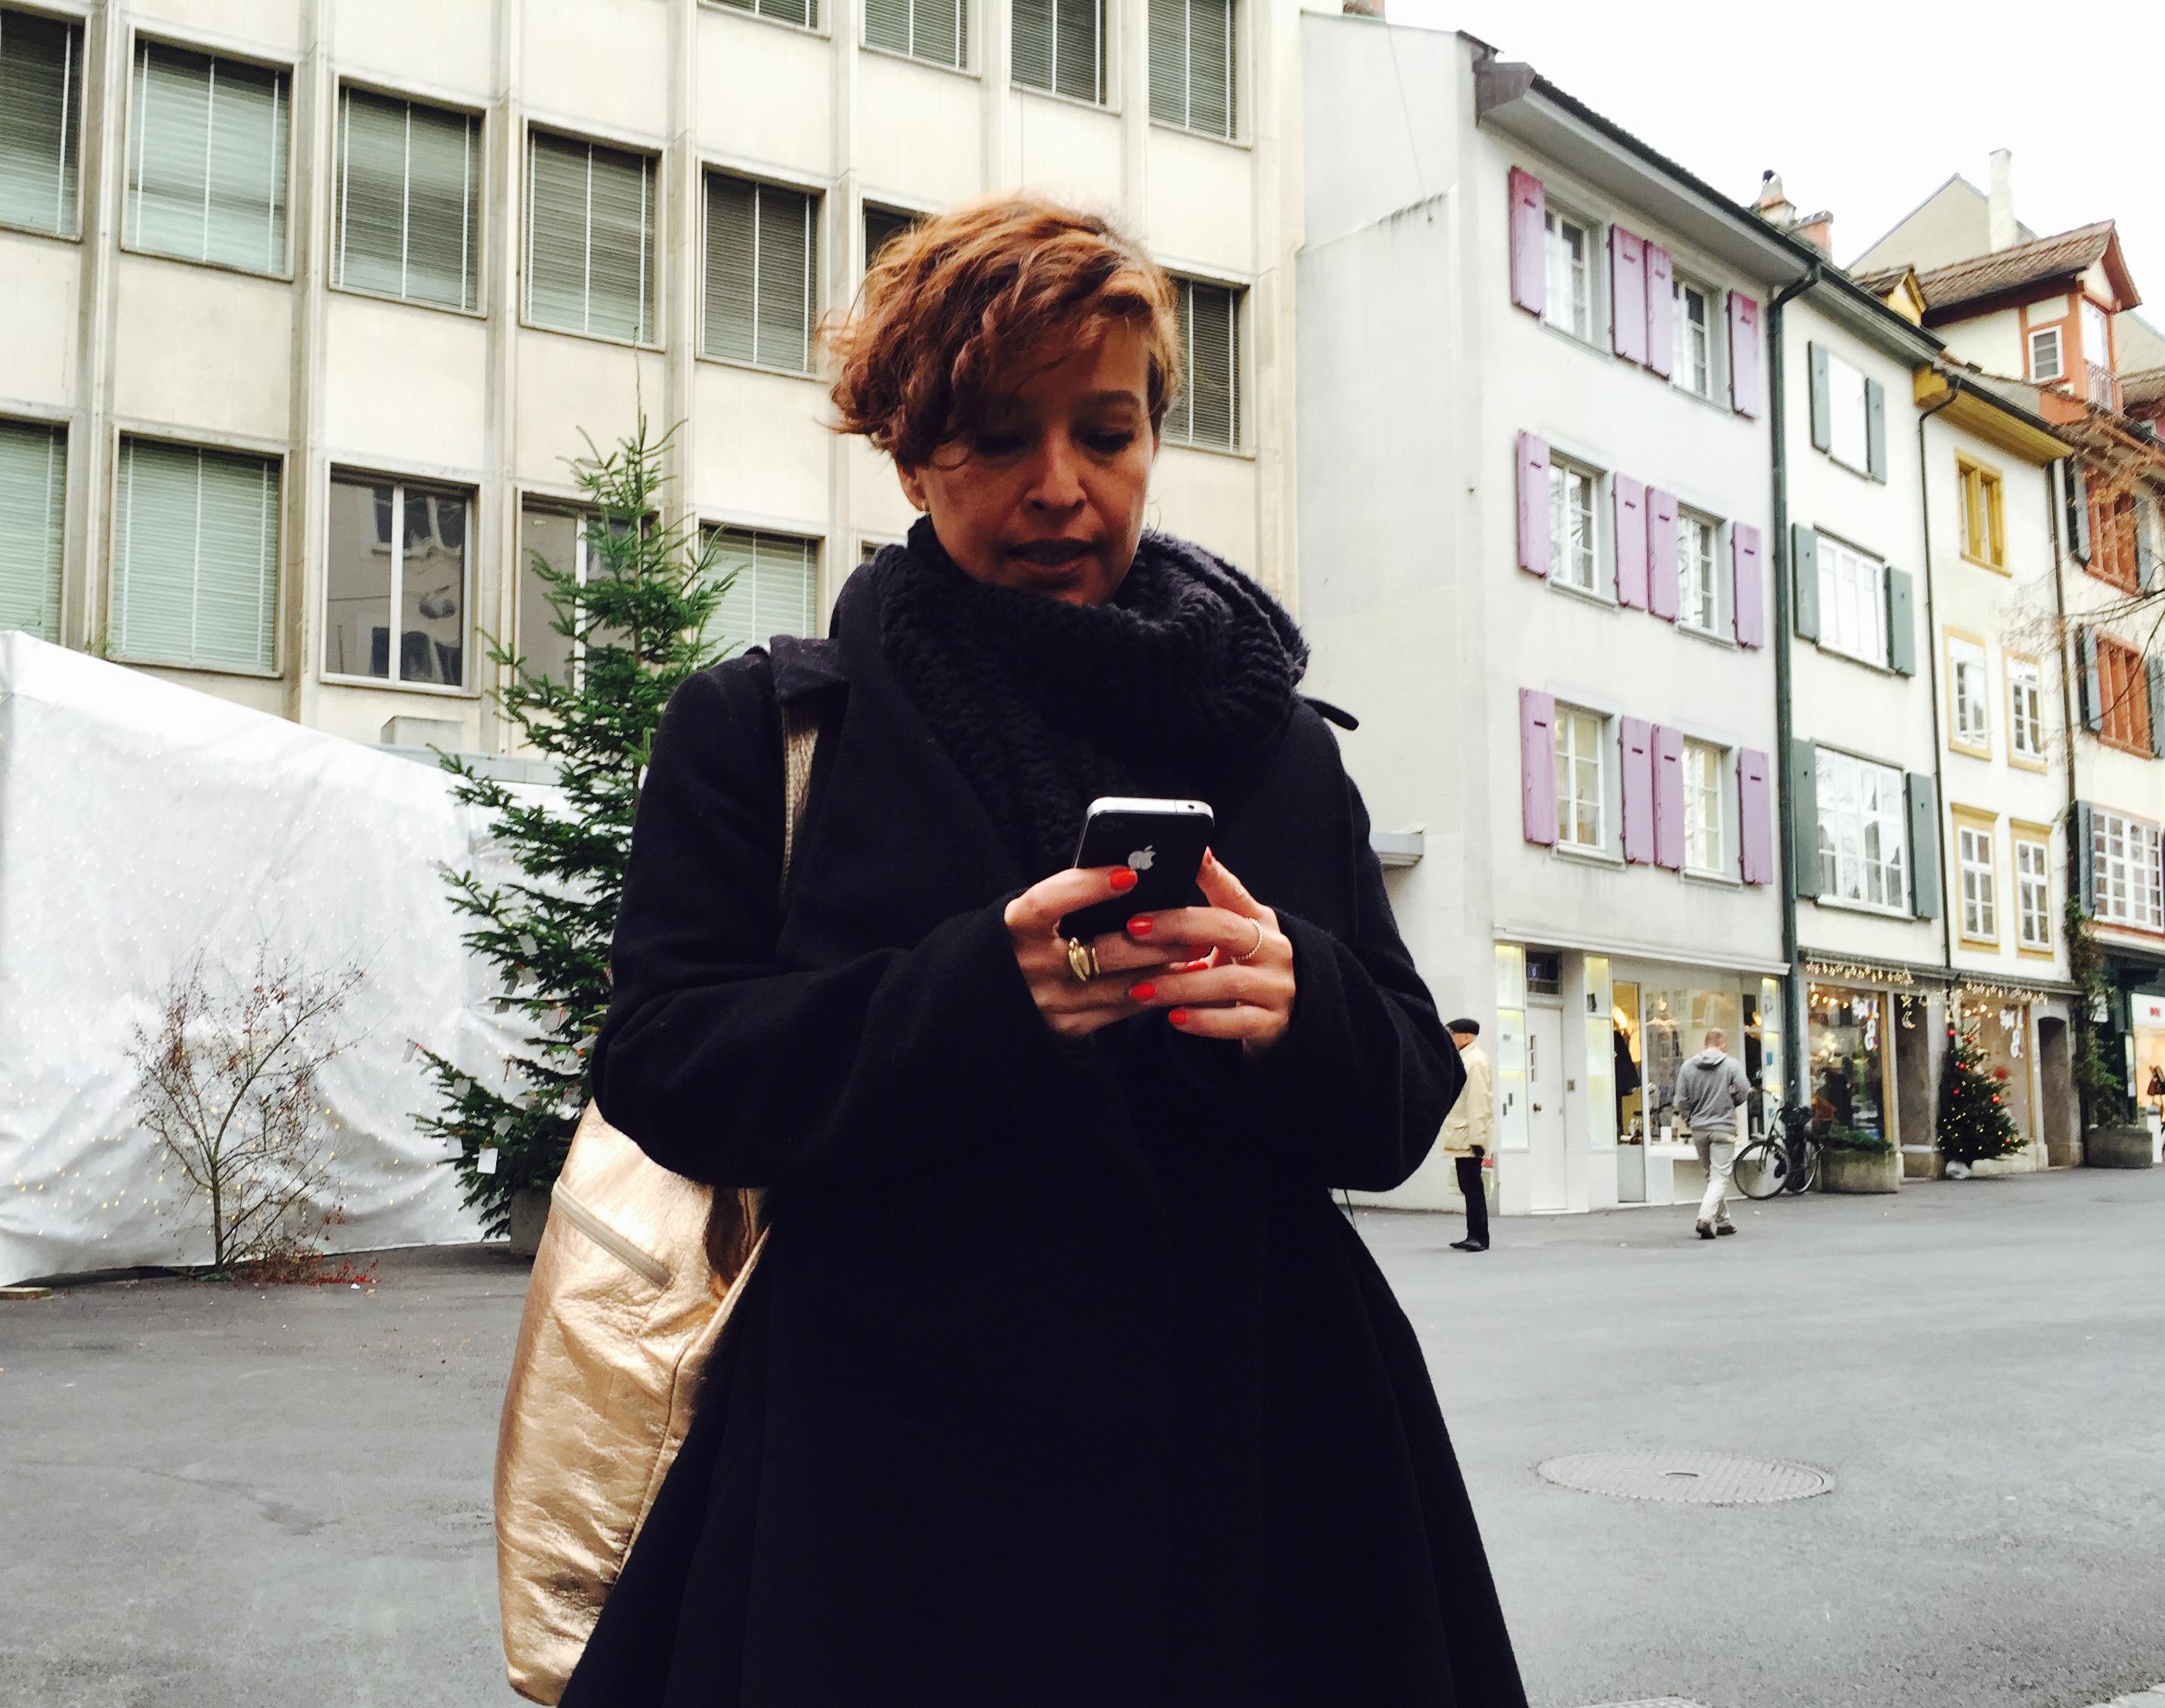 TagesWoche-Praktikantin Danielle Bürgin versucht sich am Uber-App und bestellt so ein Fahrzeug aus der Luxuskategorie «Black»